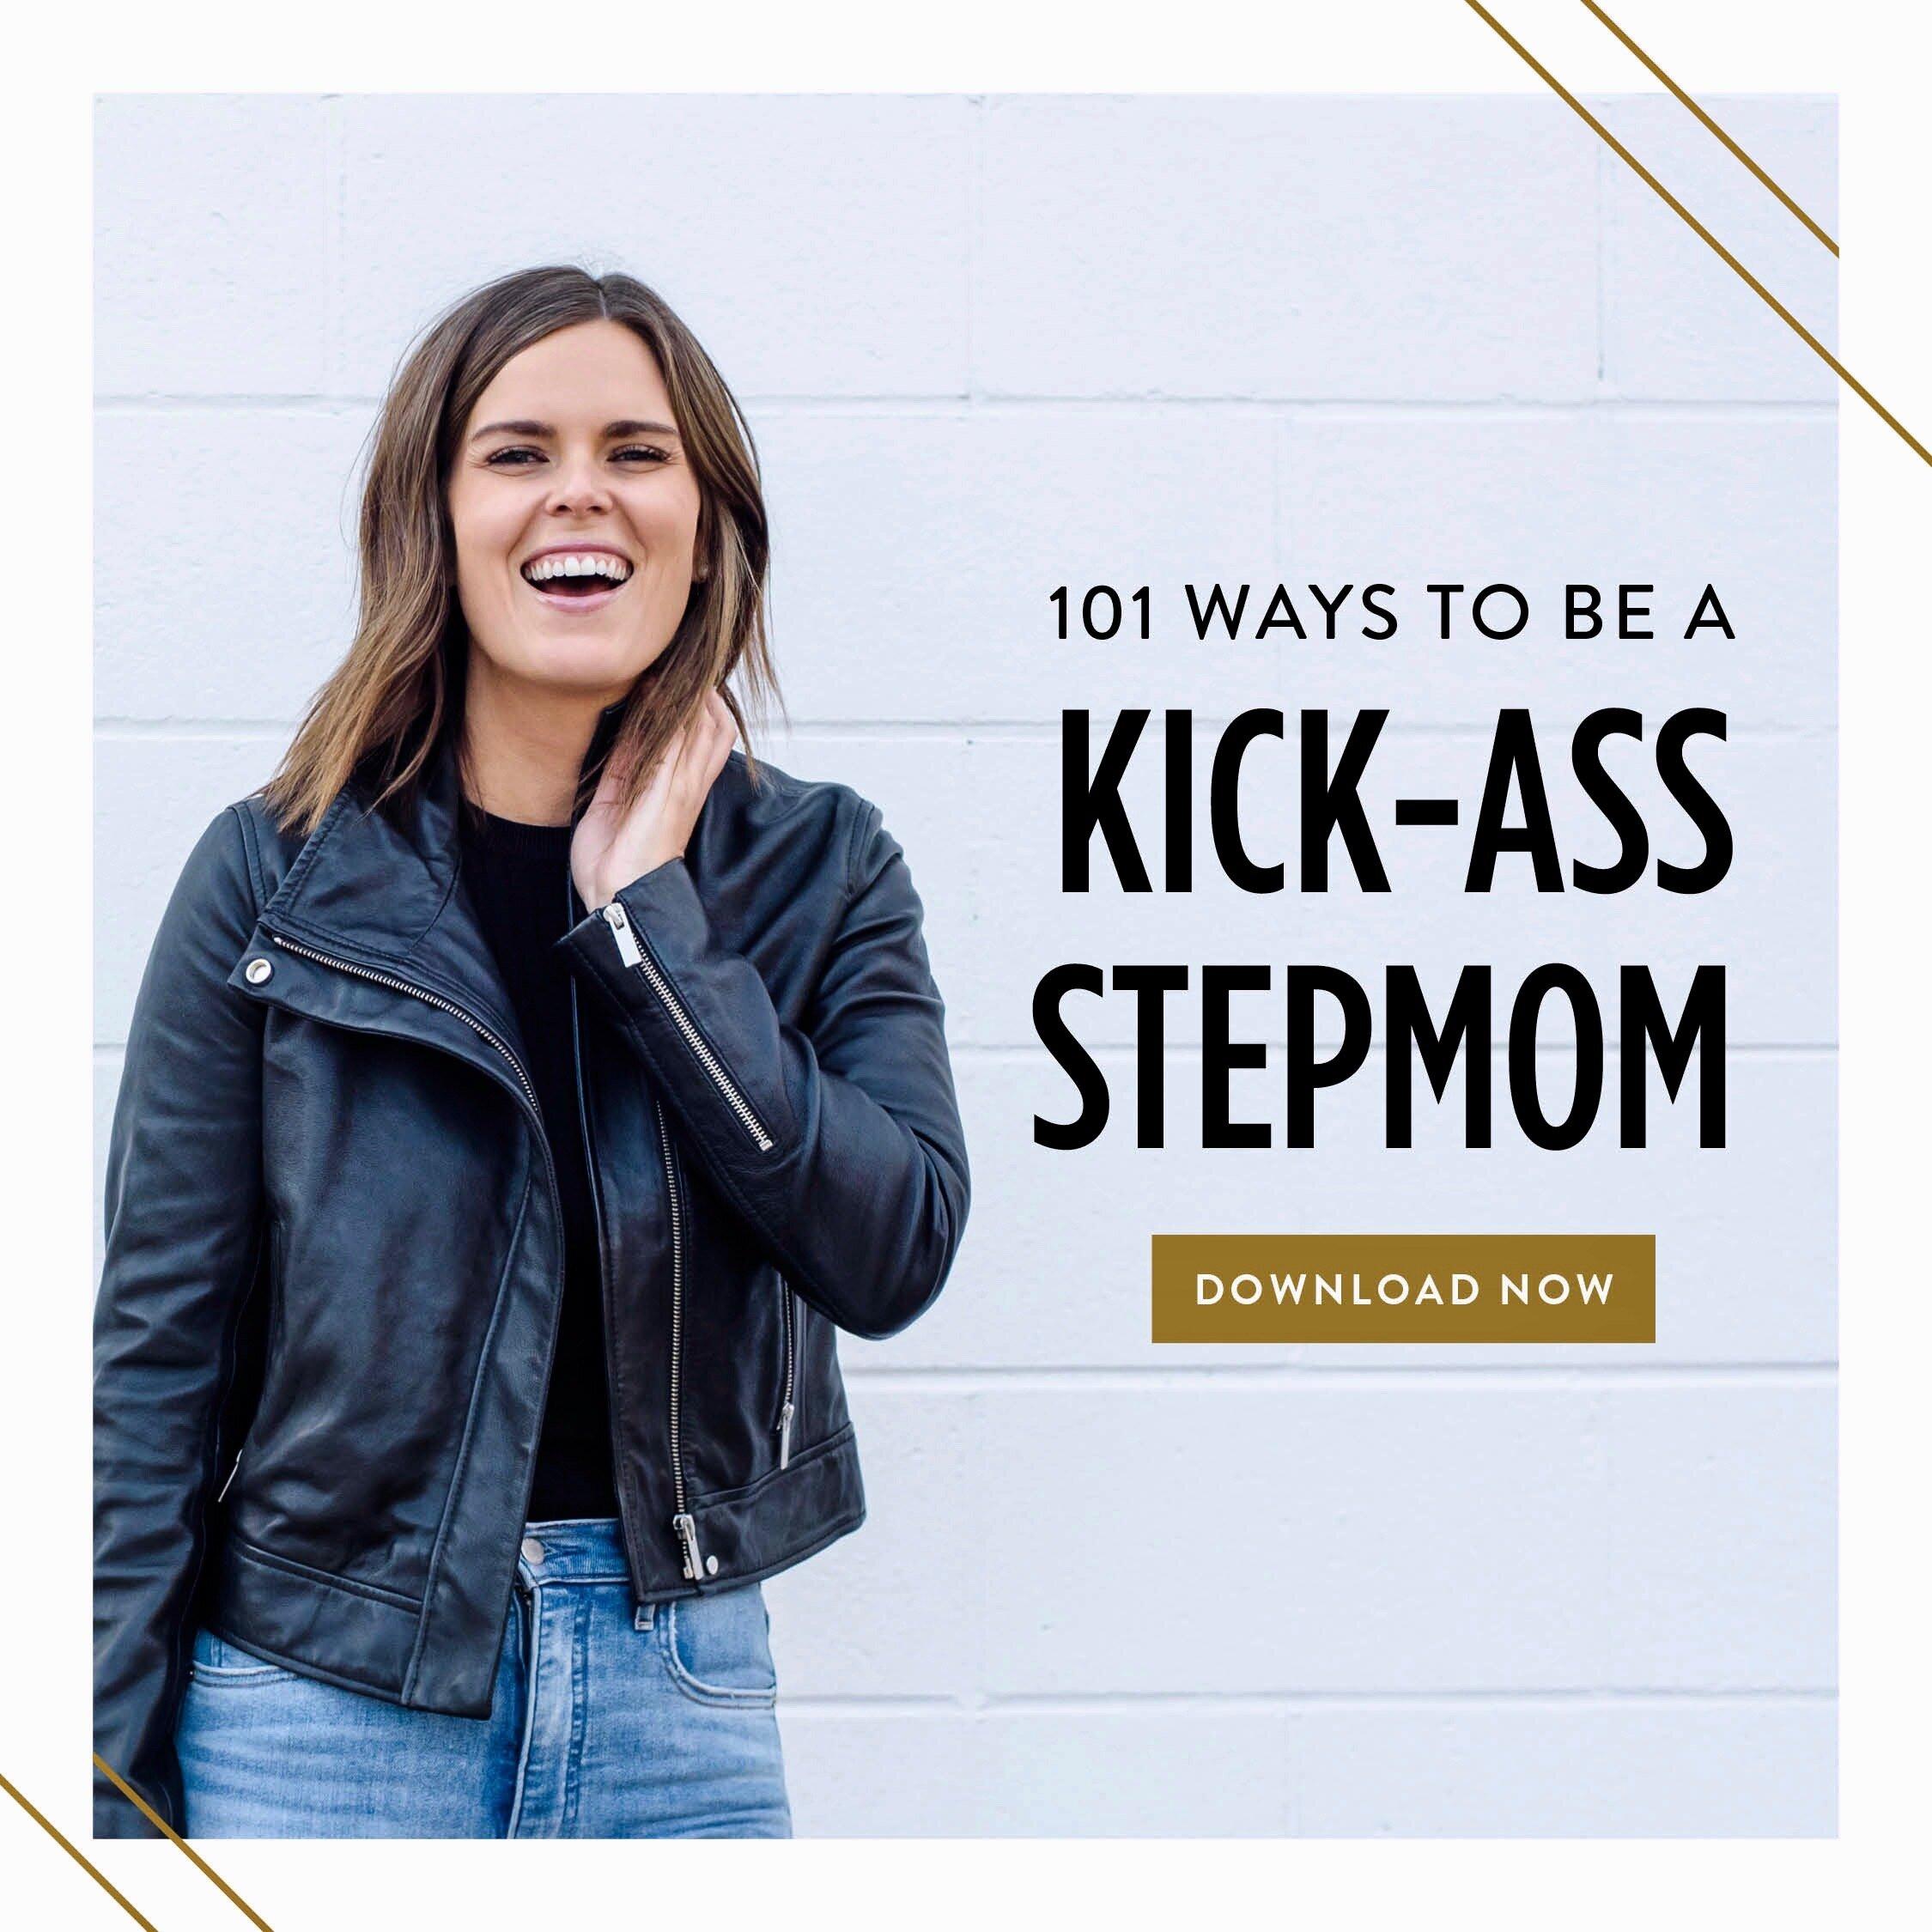 101 Ways To Be A KICK-ASS Stepmom | Jamie Scrimgeour - Ebook